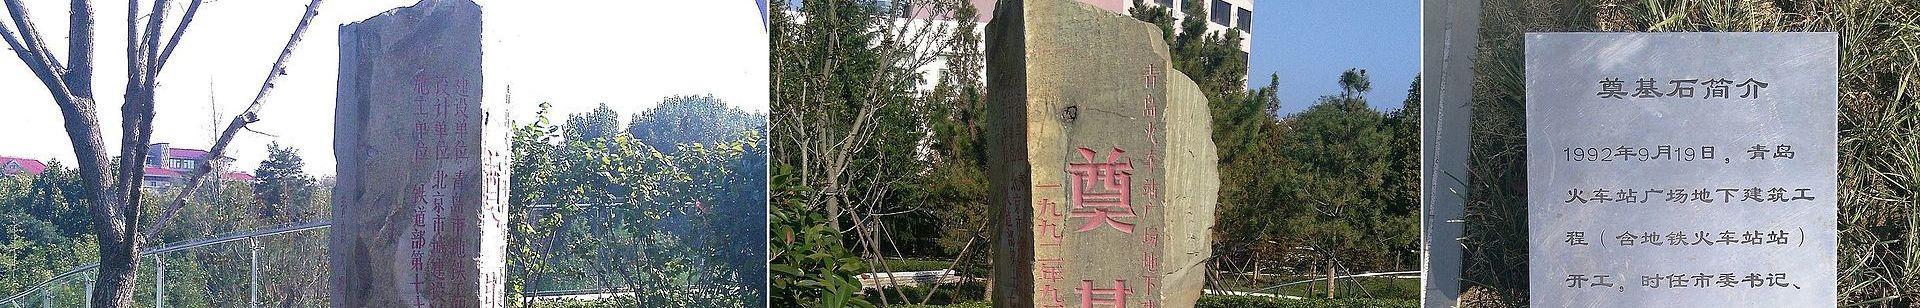 qdjuncheng banner